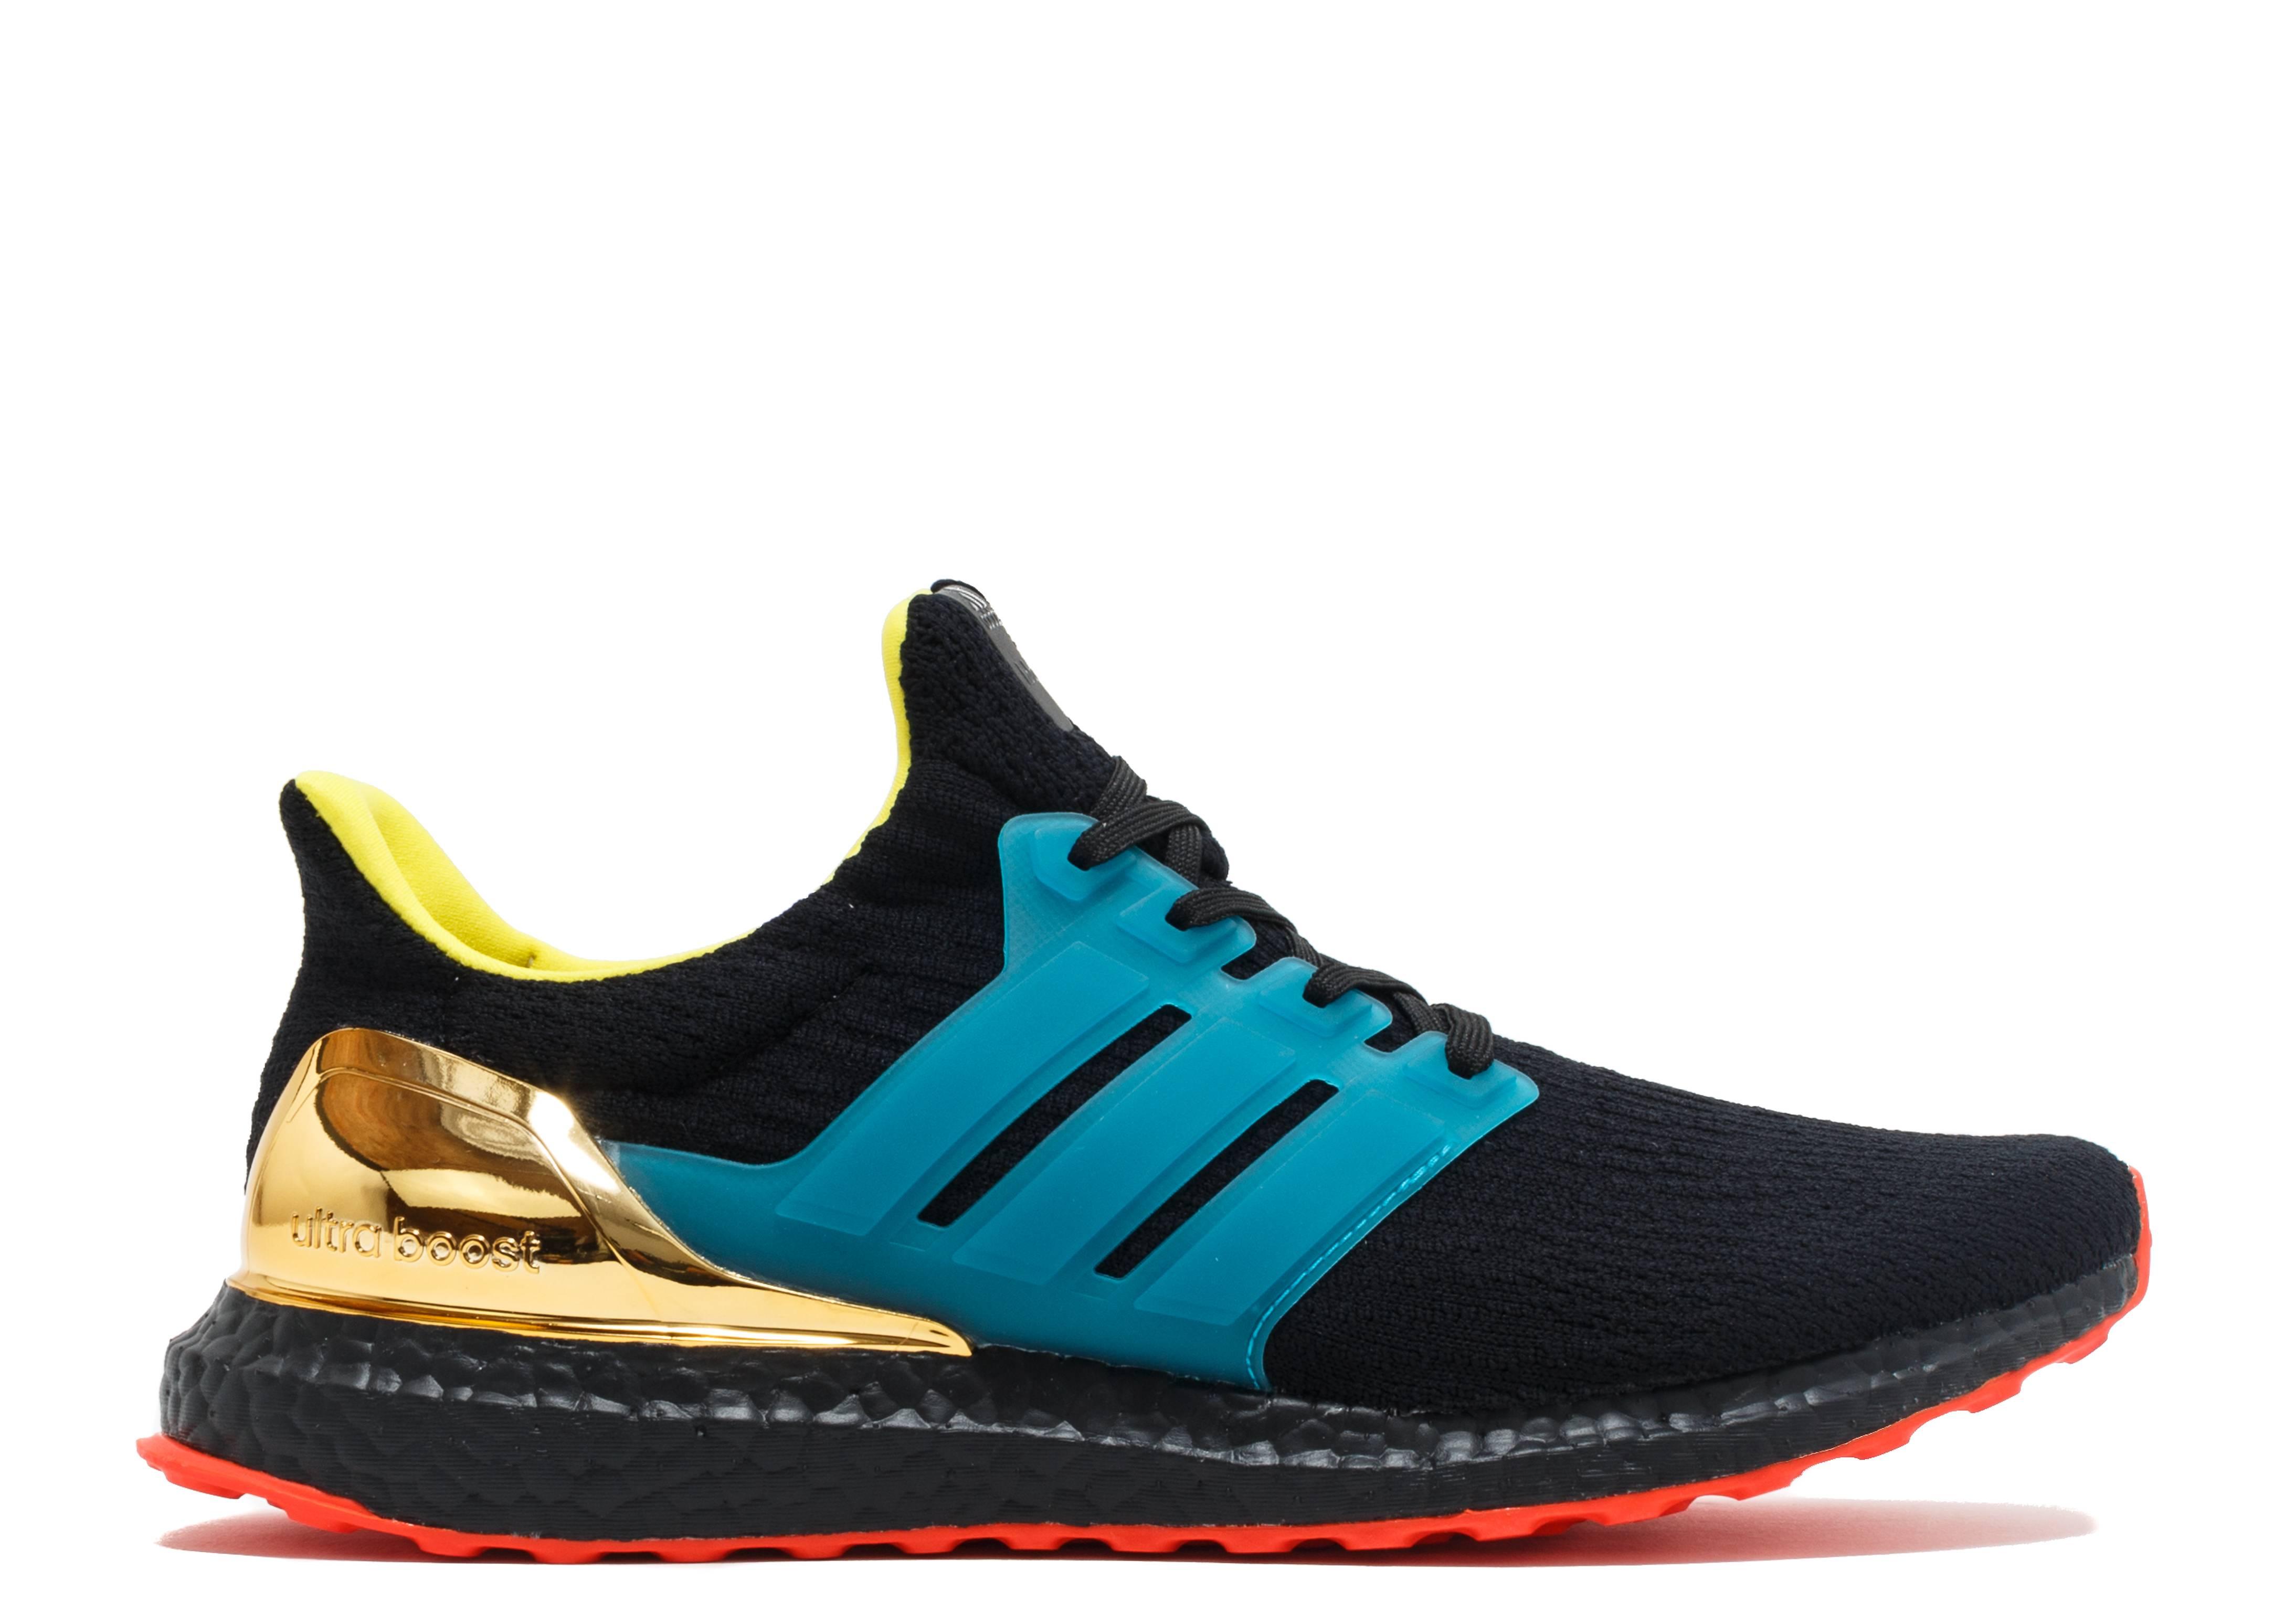 Adidas Ultra Boost giallo